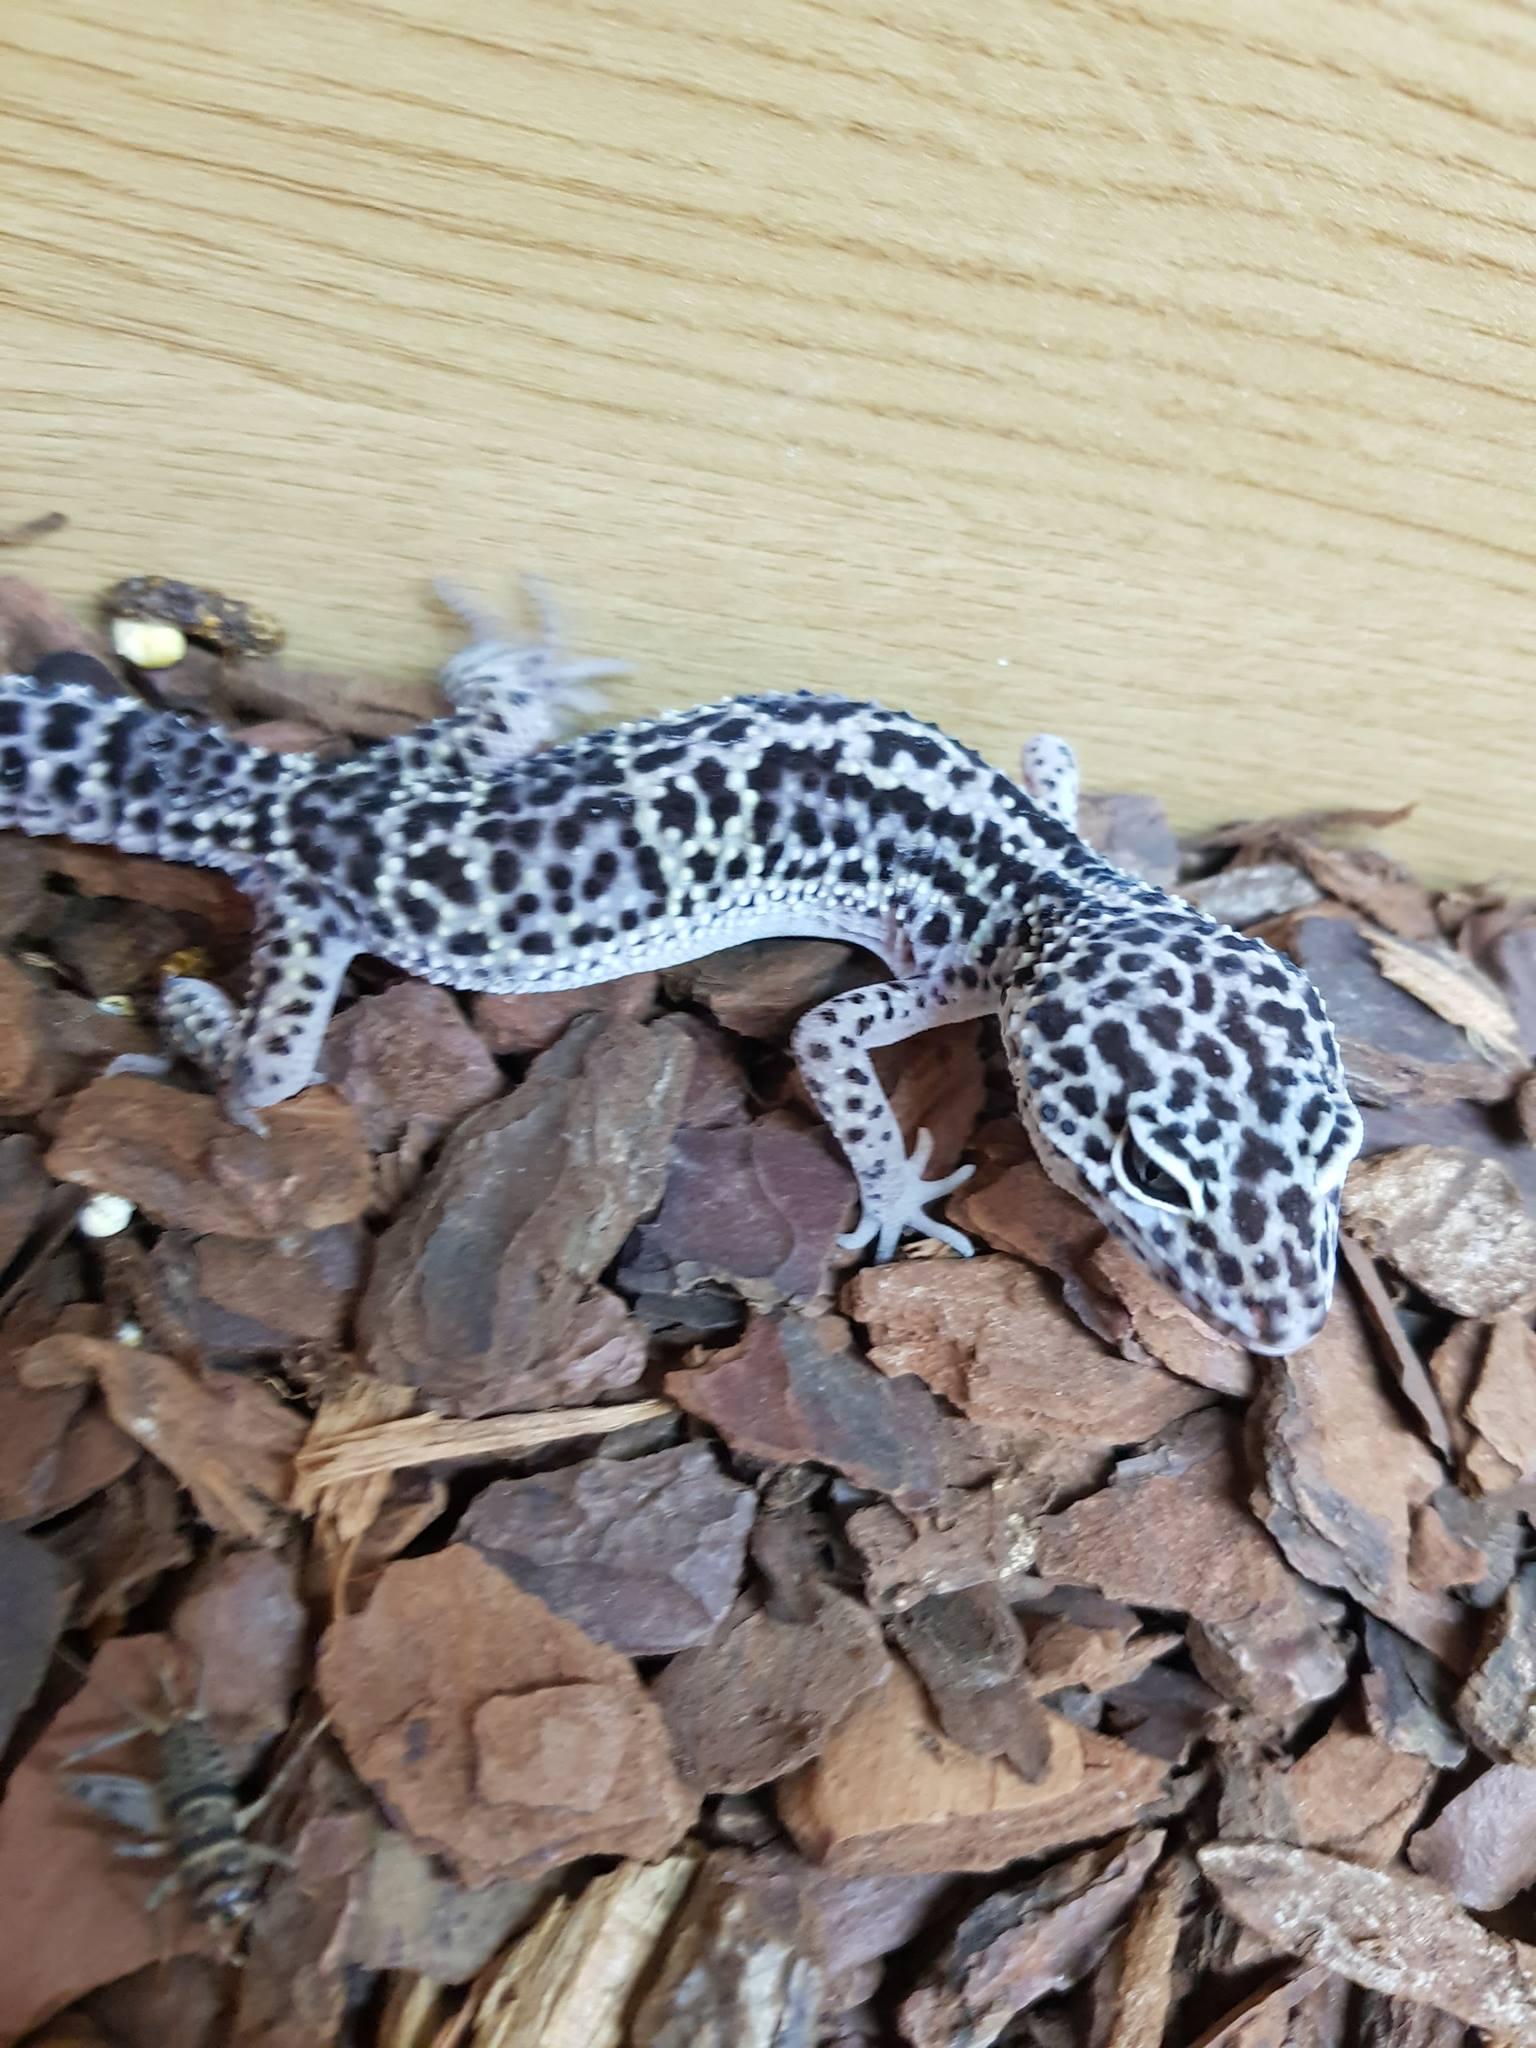 Choosing Leopard Gecko morphs-received_628940844108064_1525534648887.jpeg